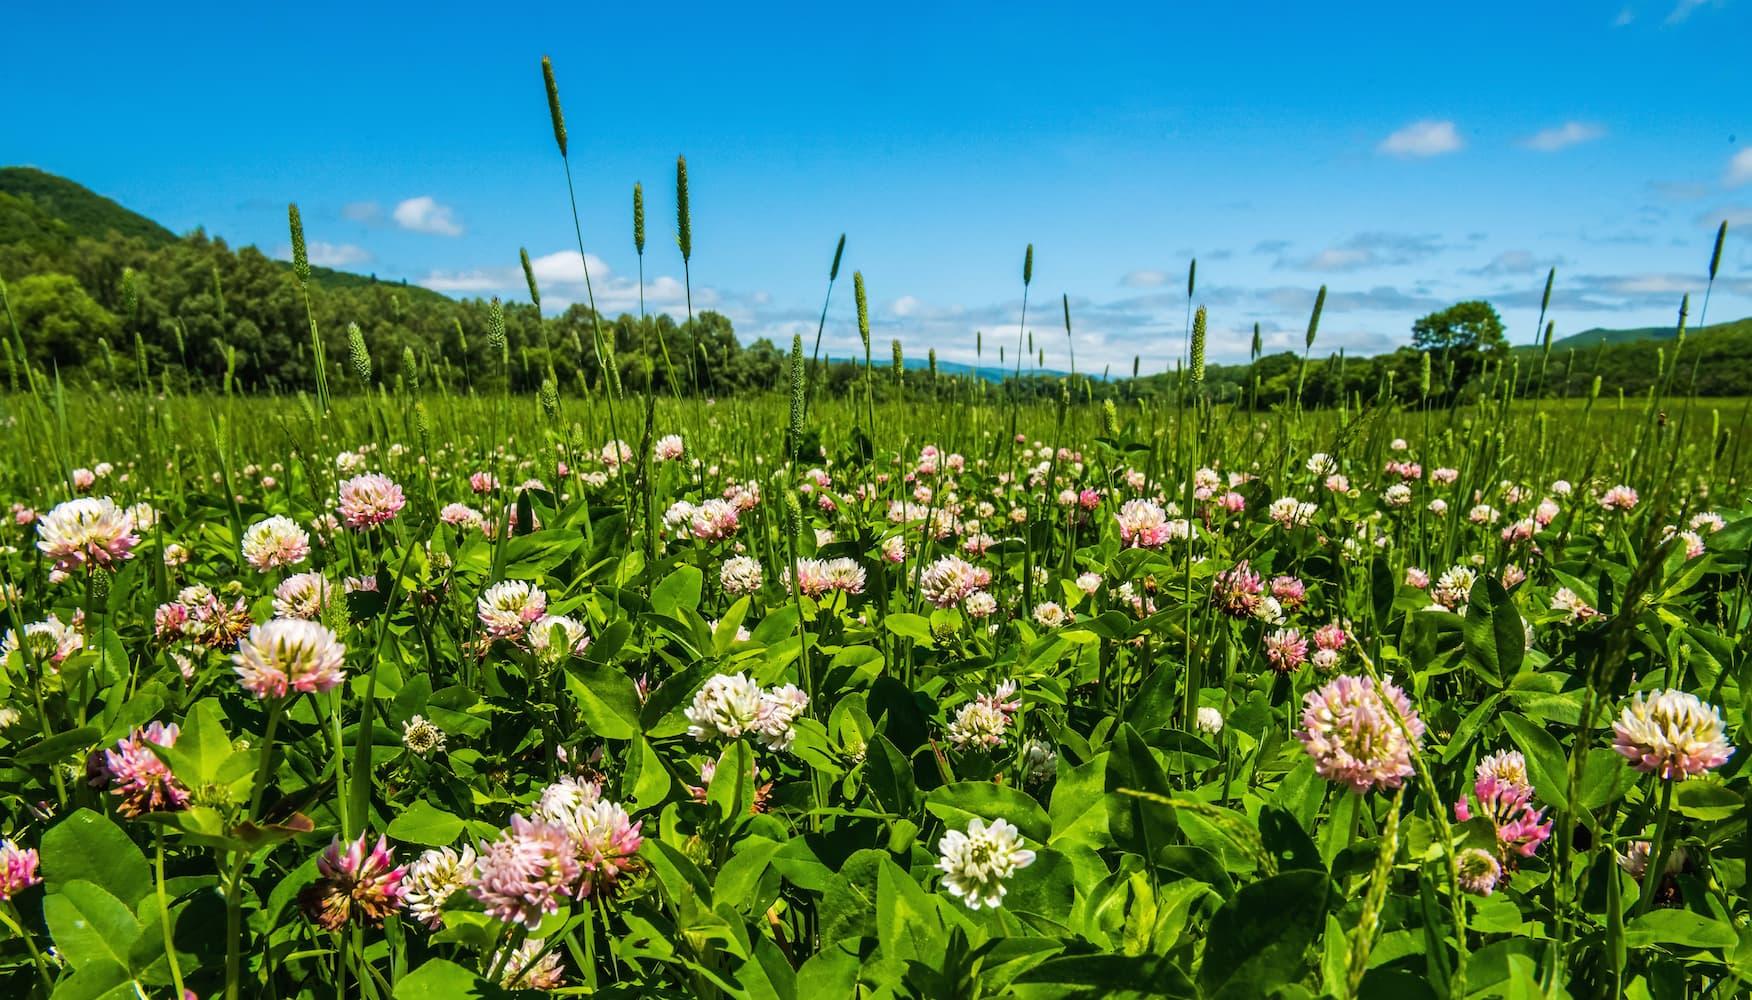 field-of-clovers.jpg